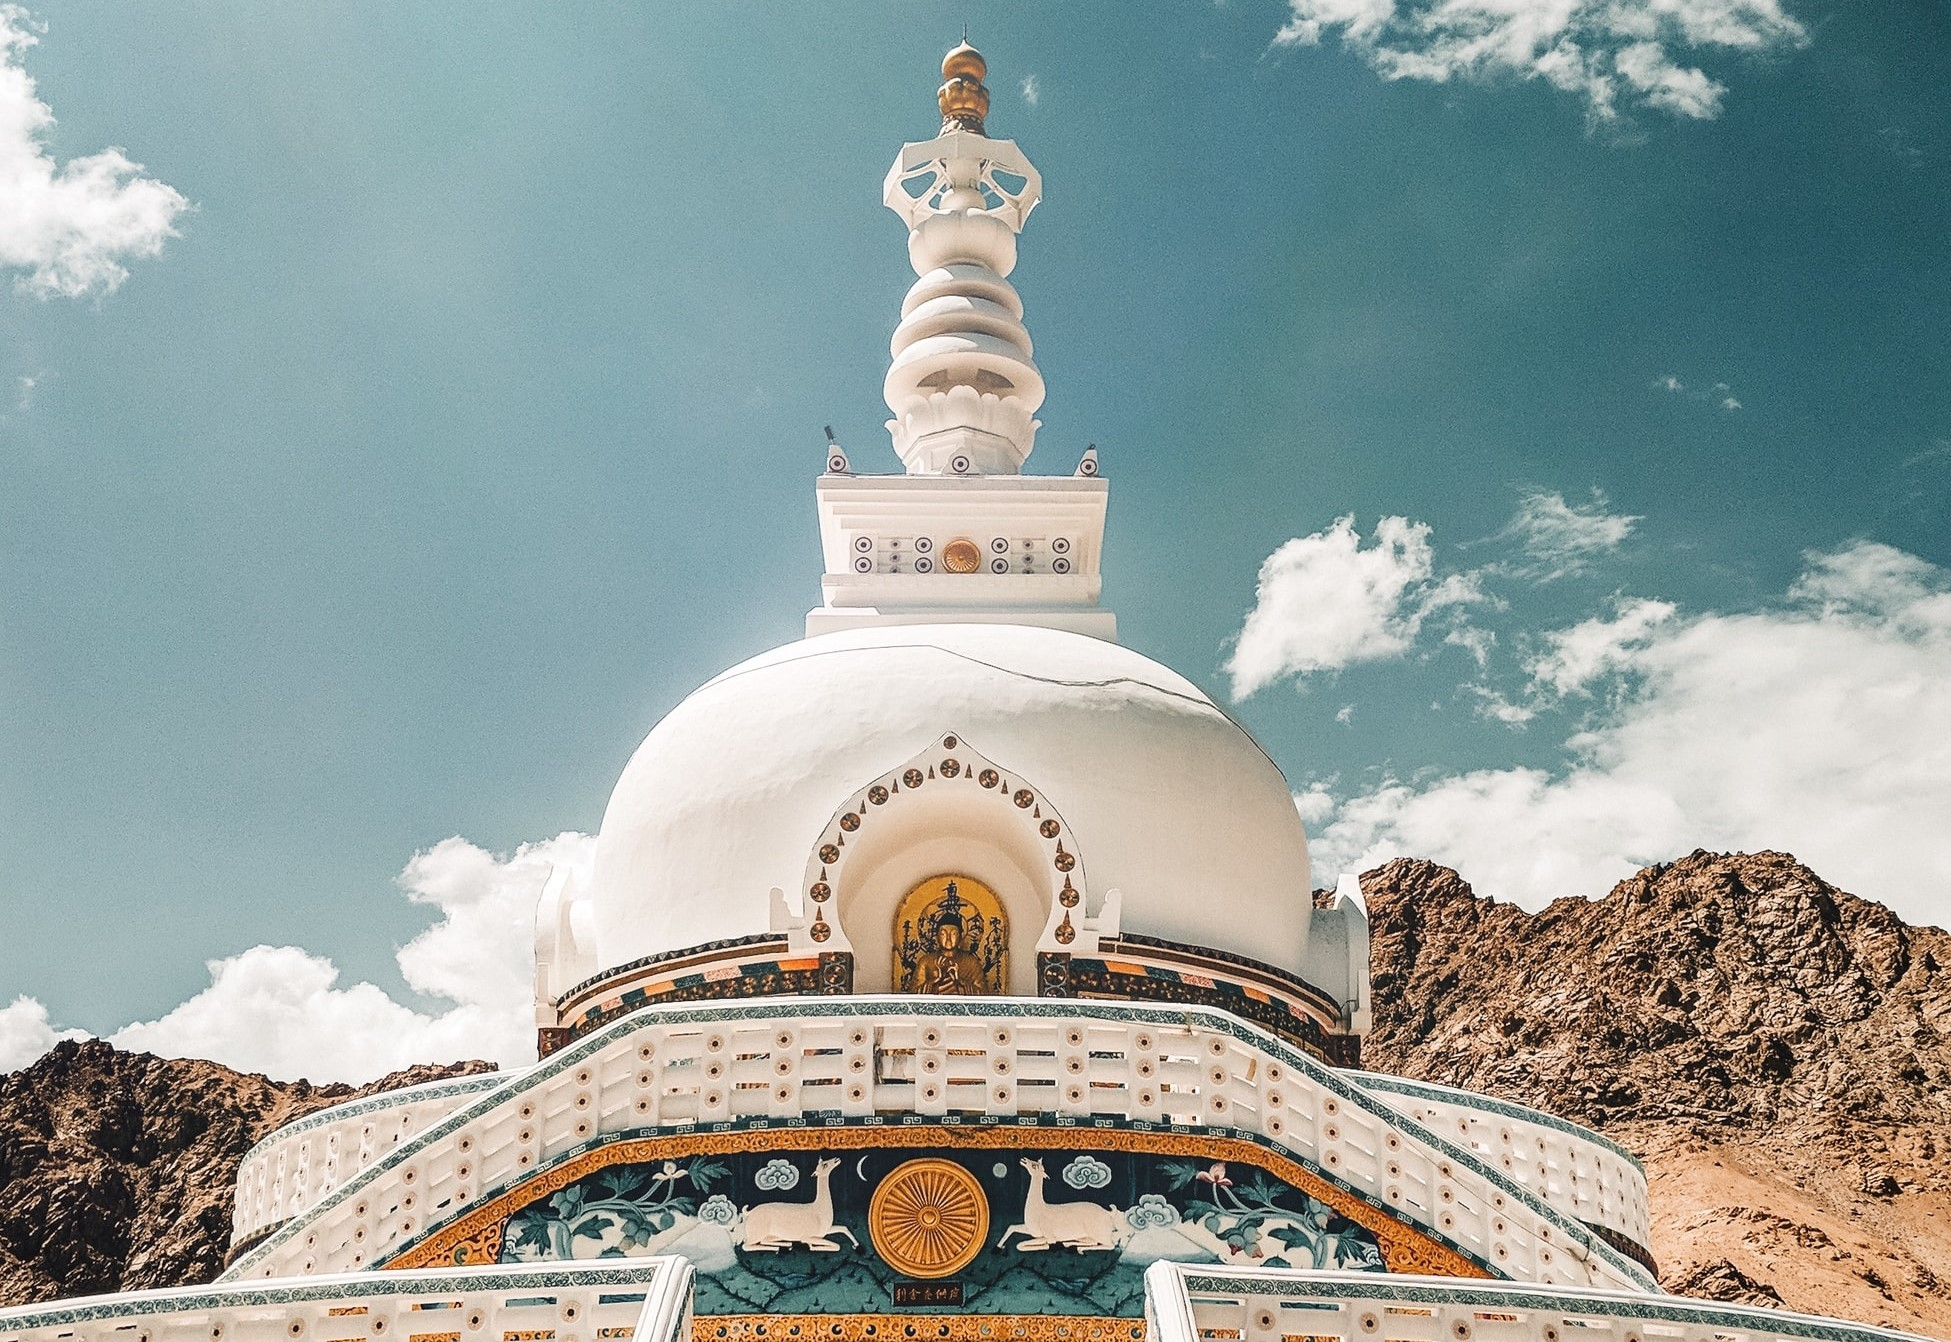 Travelling to Ladakh, Shanti stupa